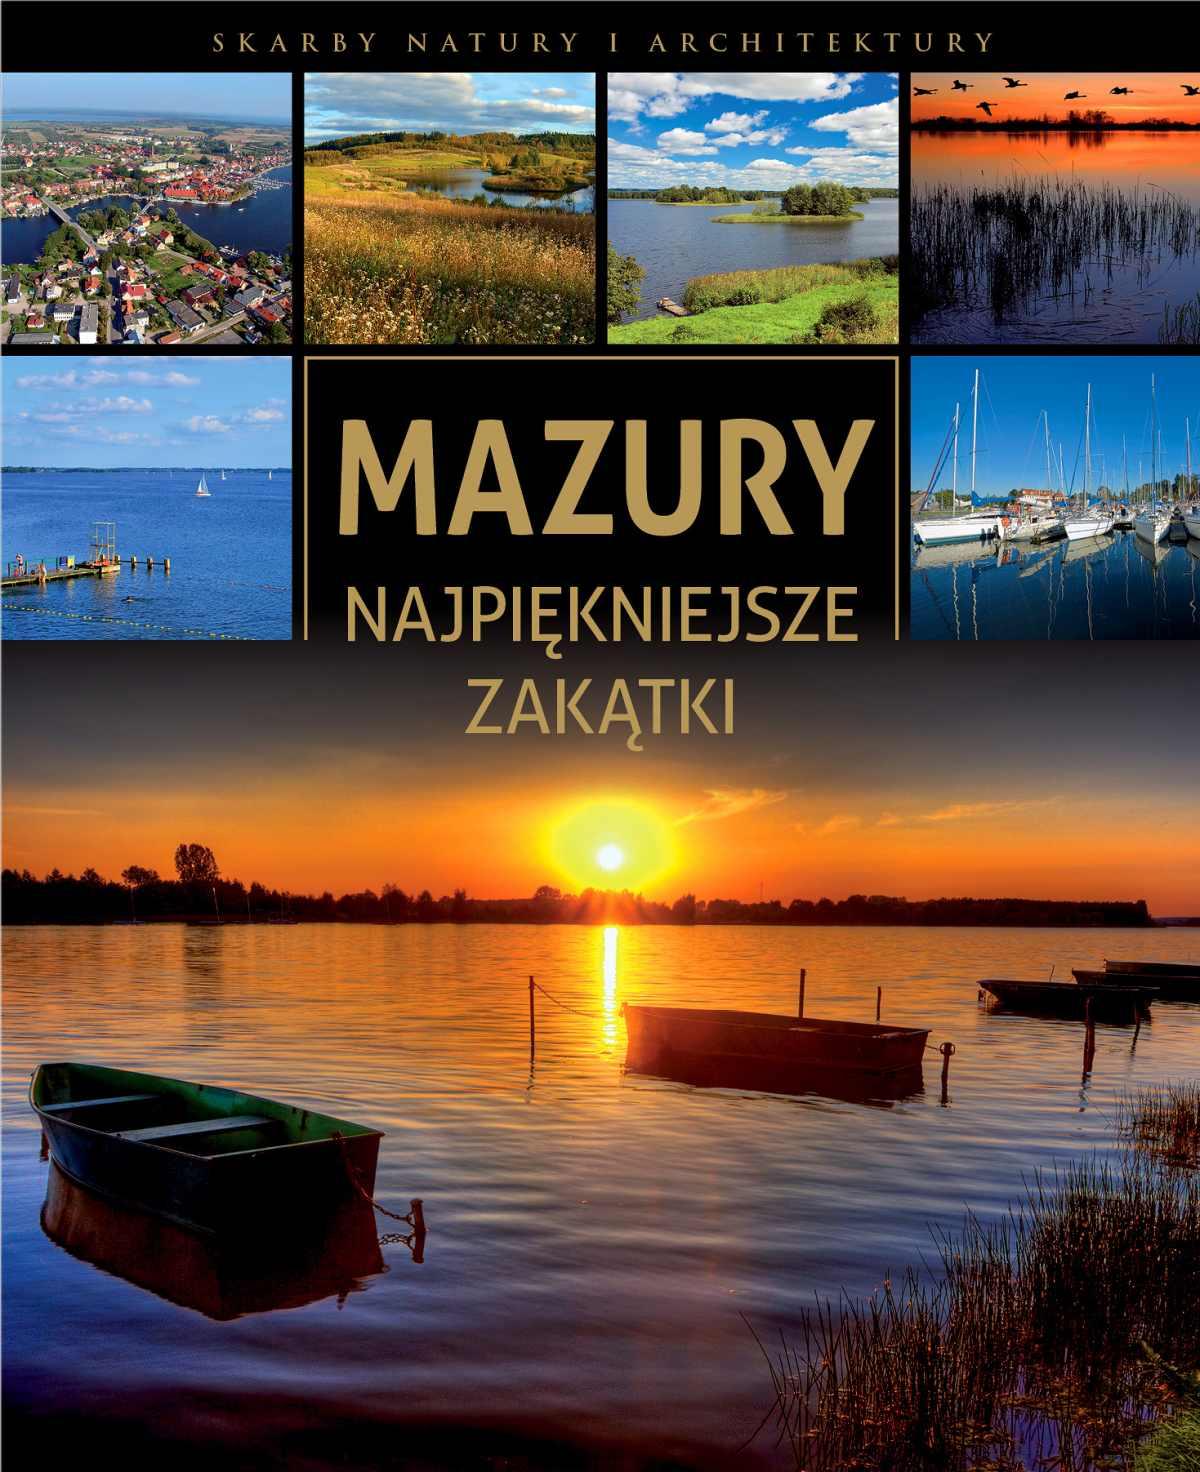 Mazury. Najpiękniejsze zakątki - Ebook (Książka PDF) do pobrania w formacie PDF